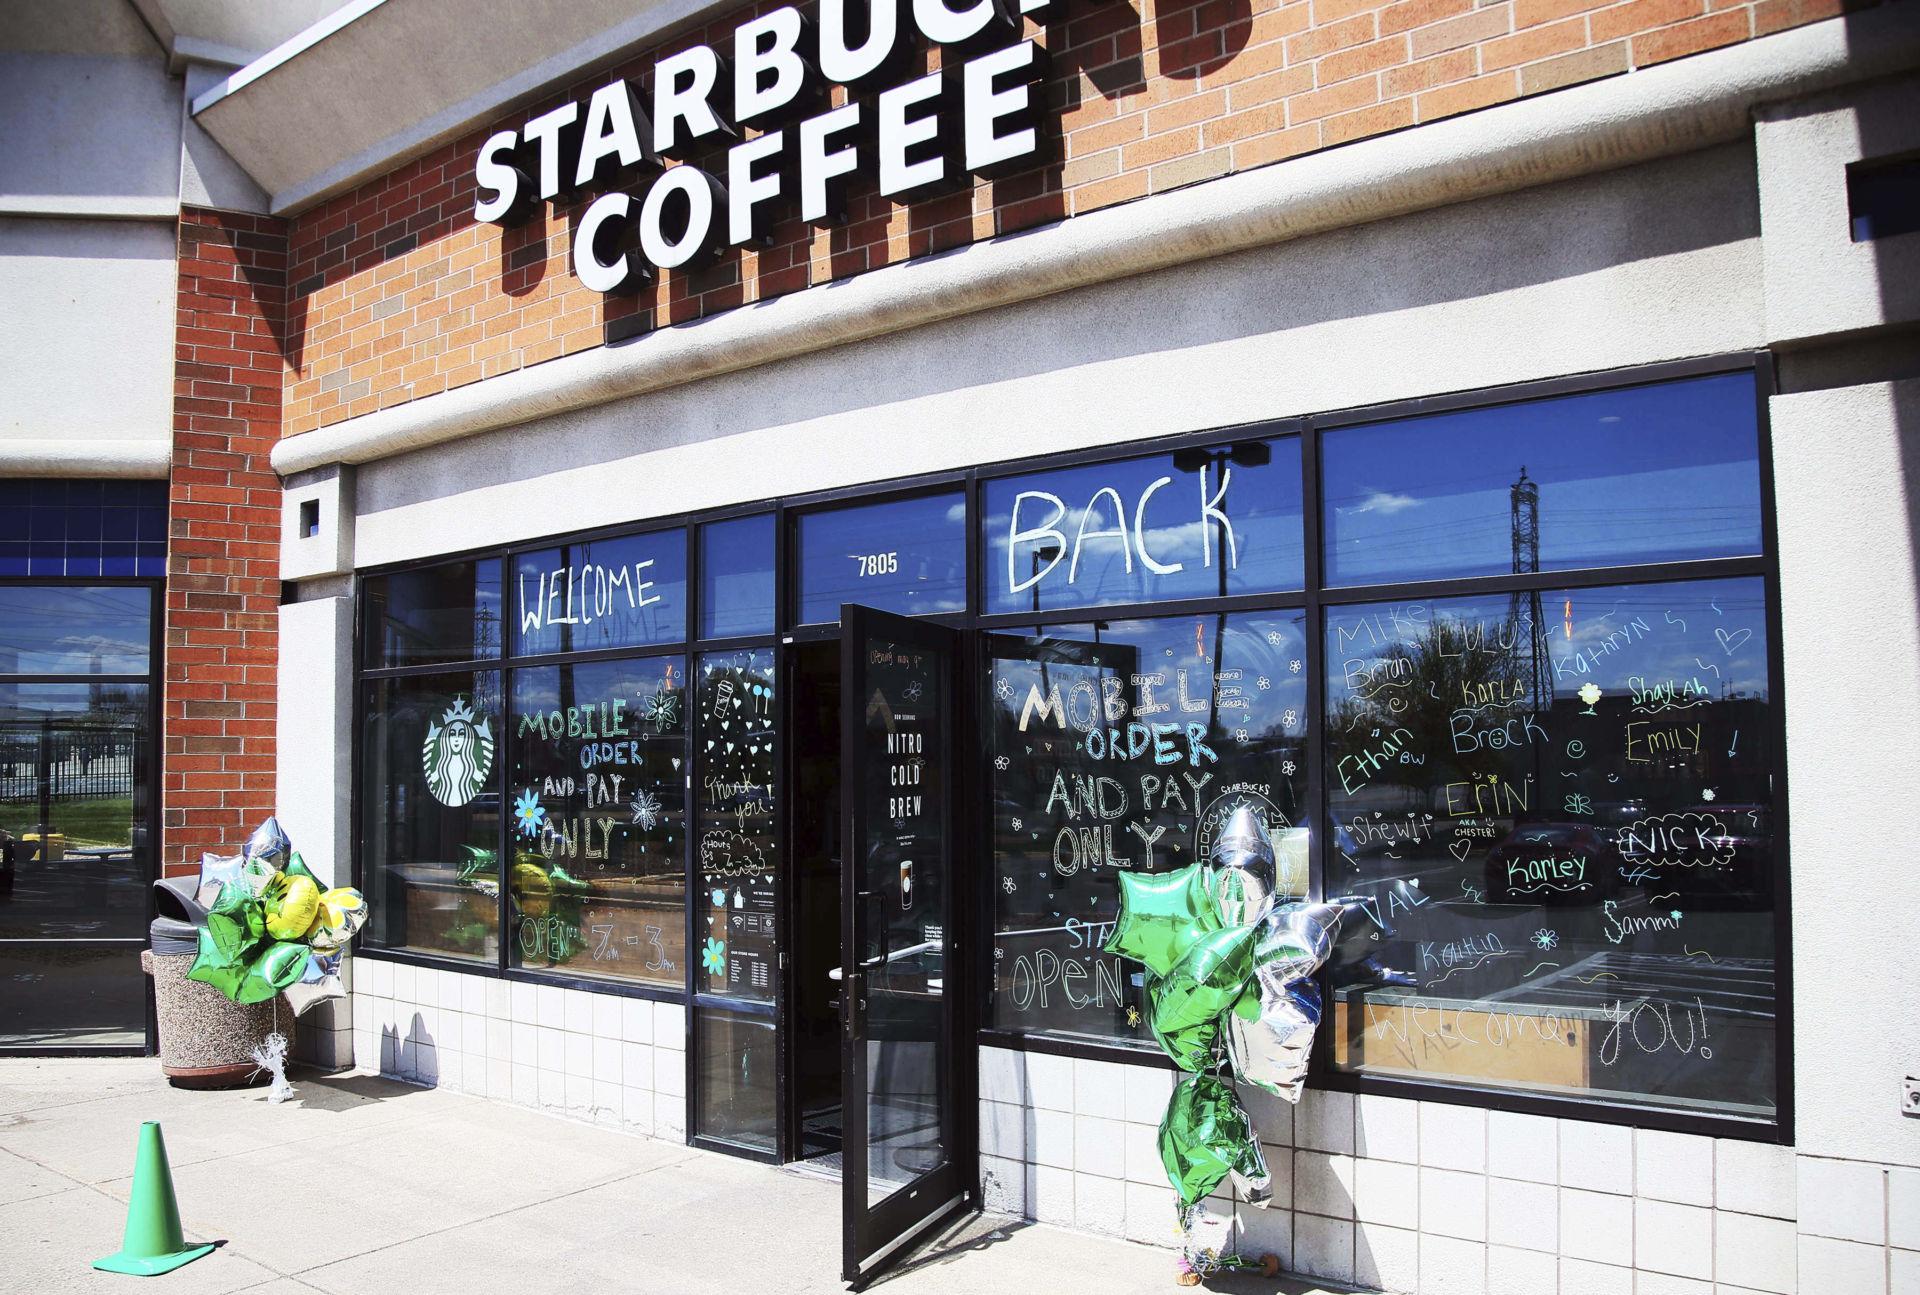 Starbucks Xin Miễn Tiền Thue Mặt Bằng Trong Một Năm Tới